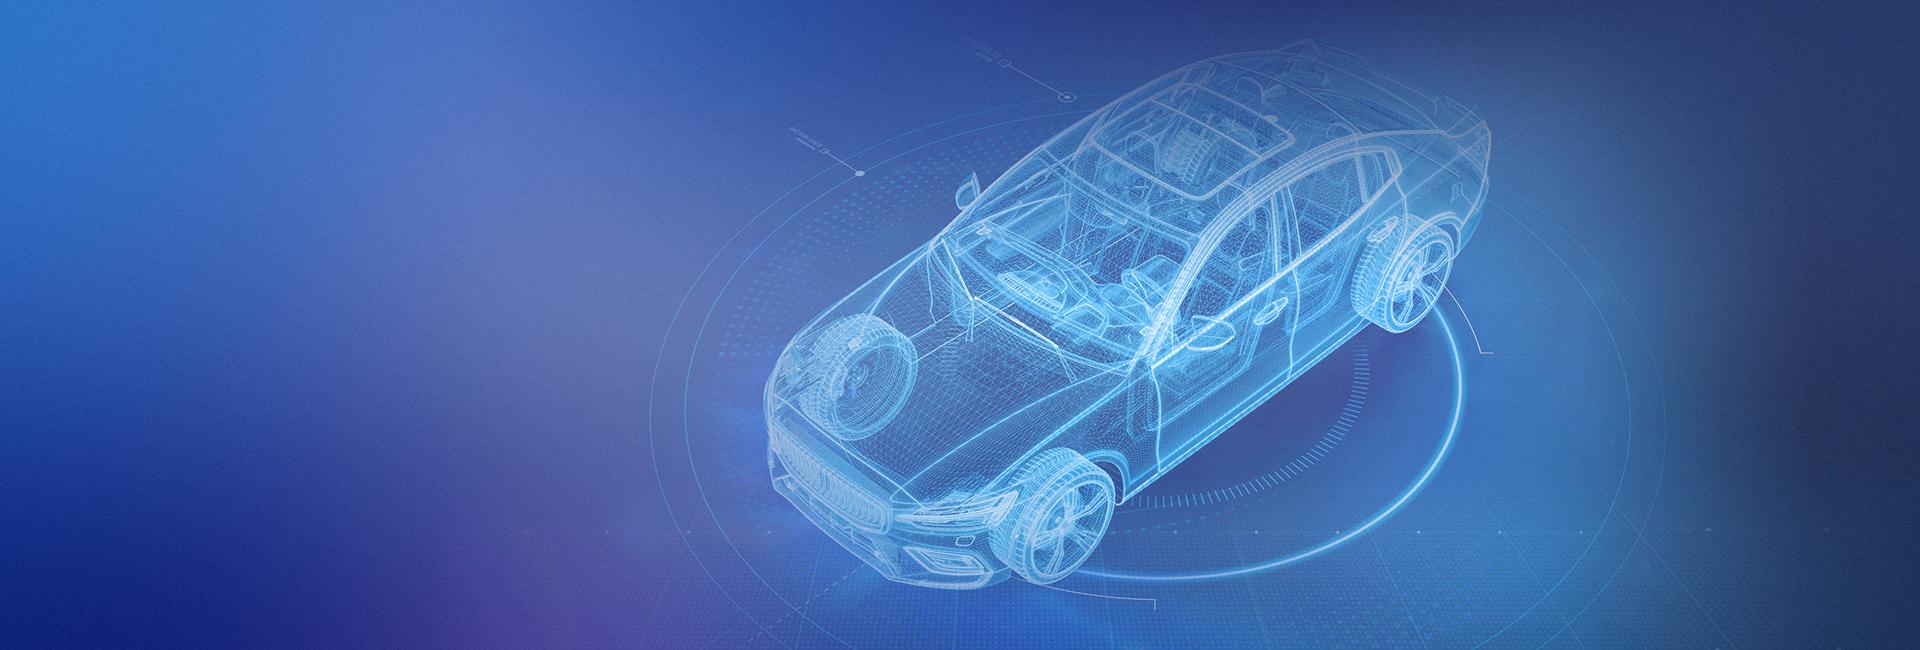 智能汽车传动解决方案